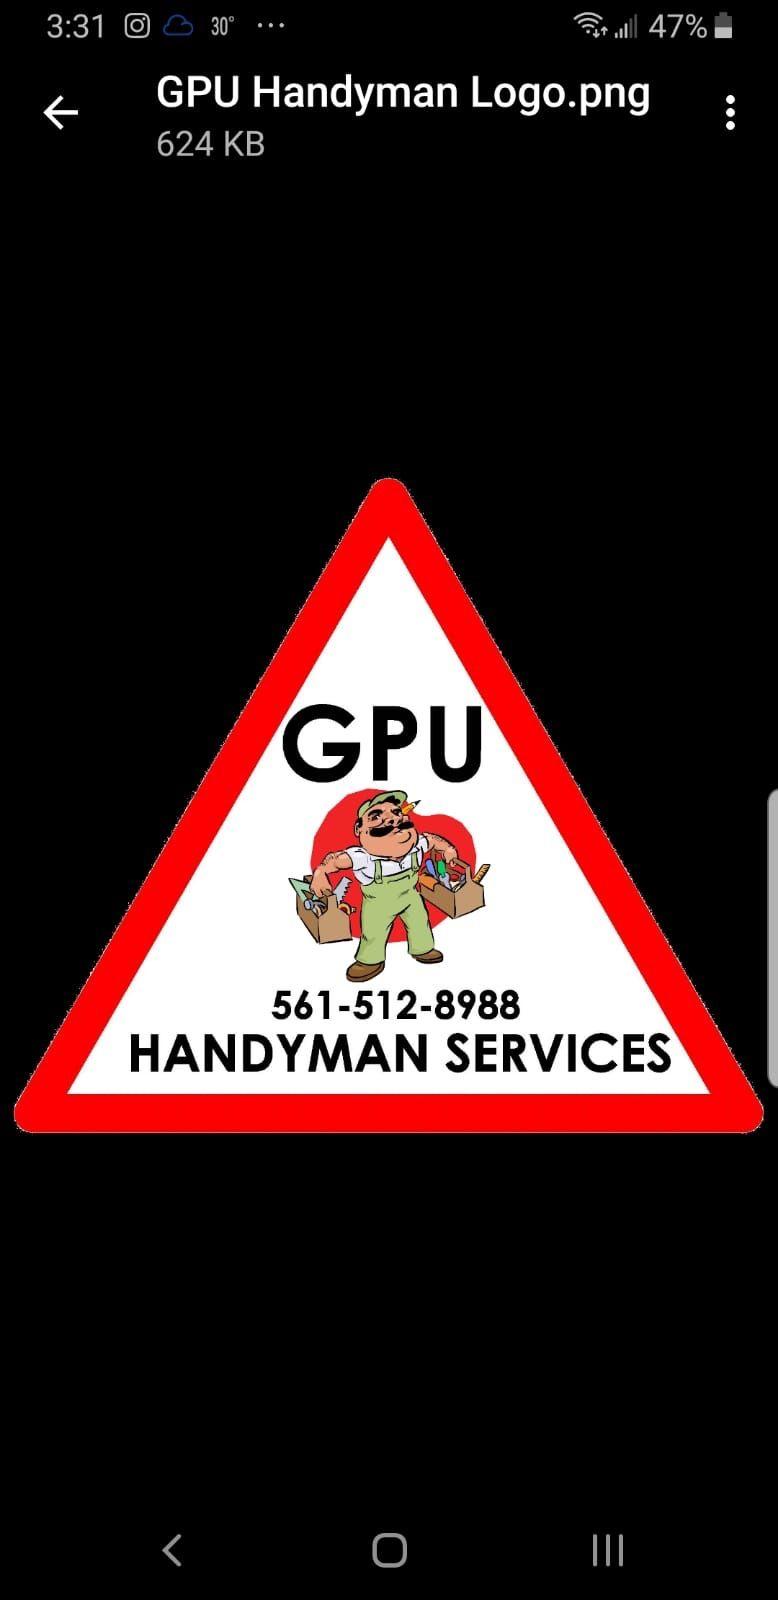 GPU Handyman Services LLC